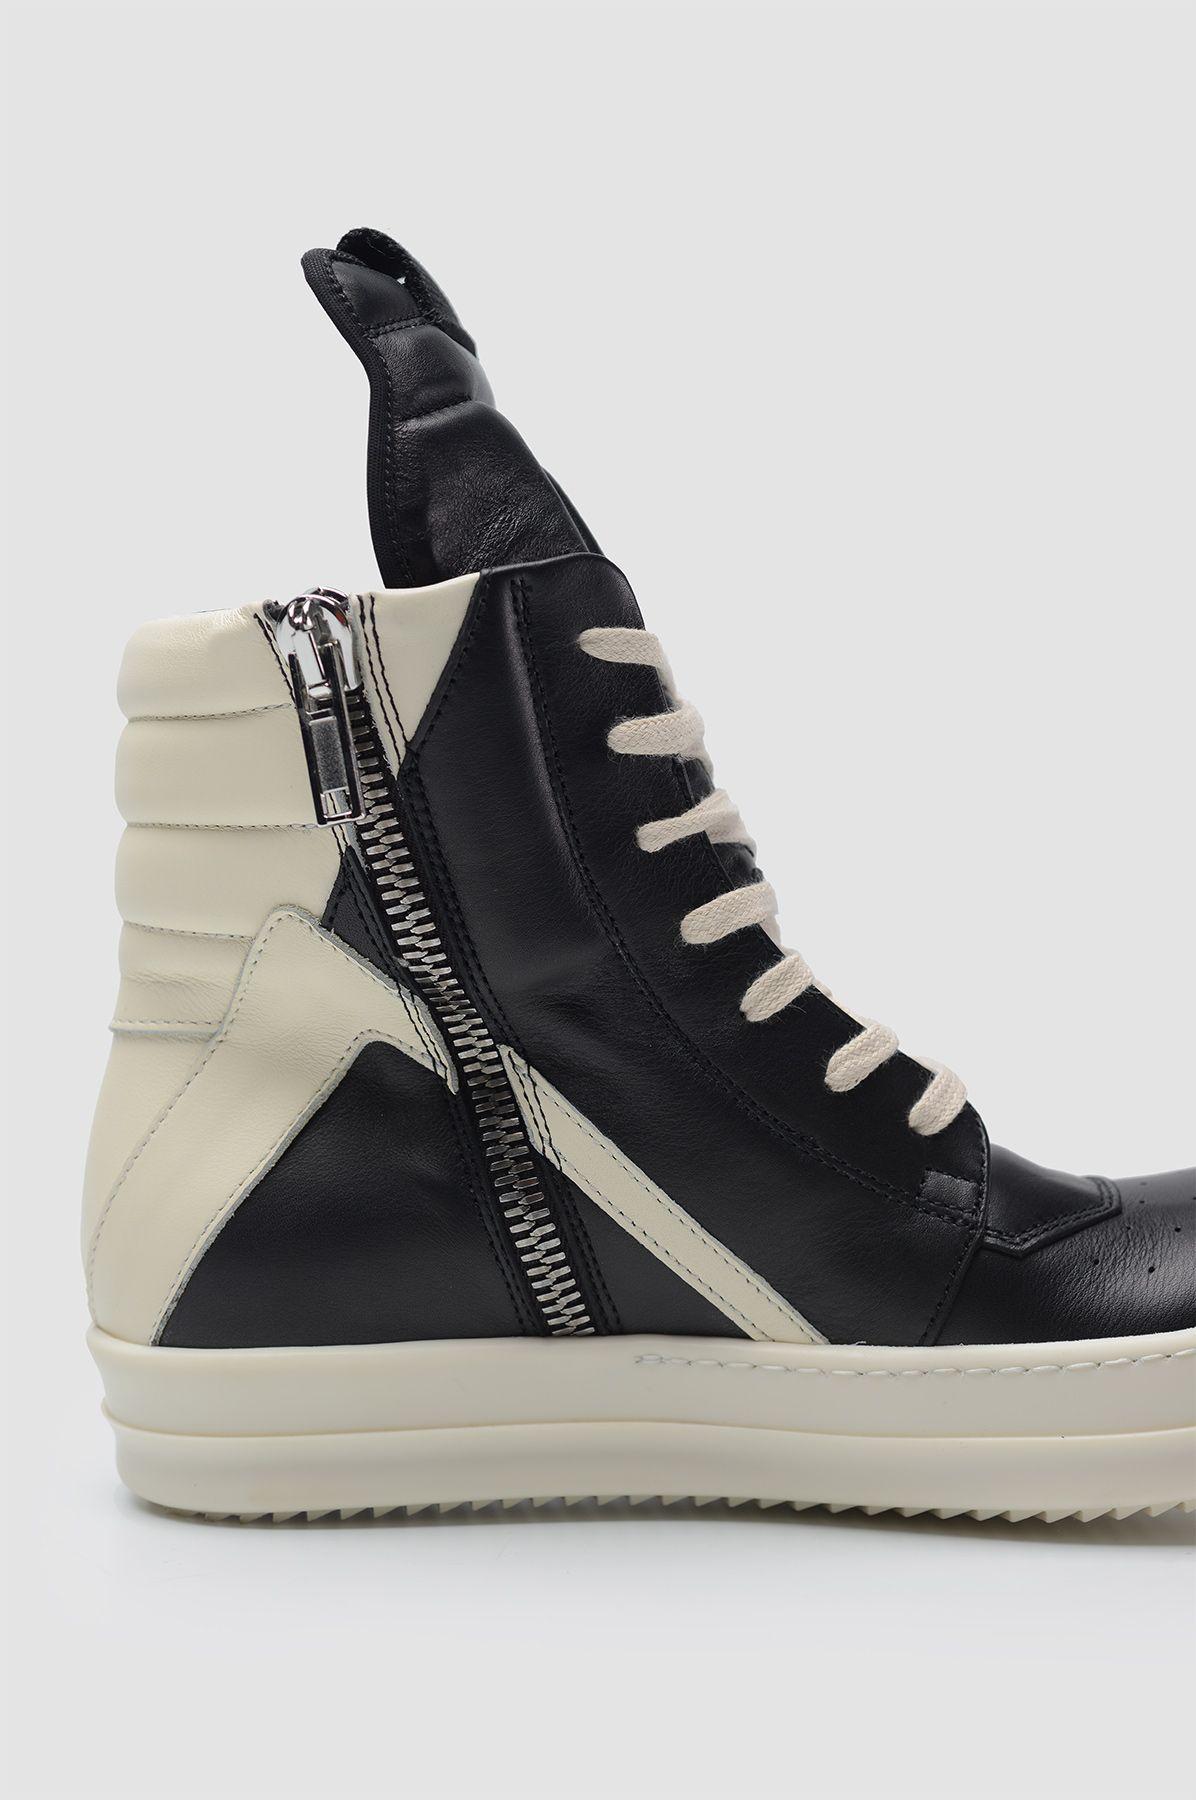 zip up high top sneakers